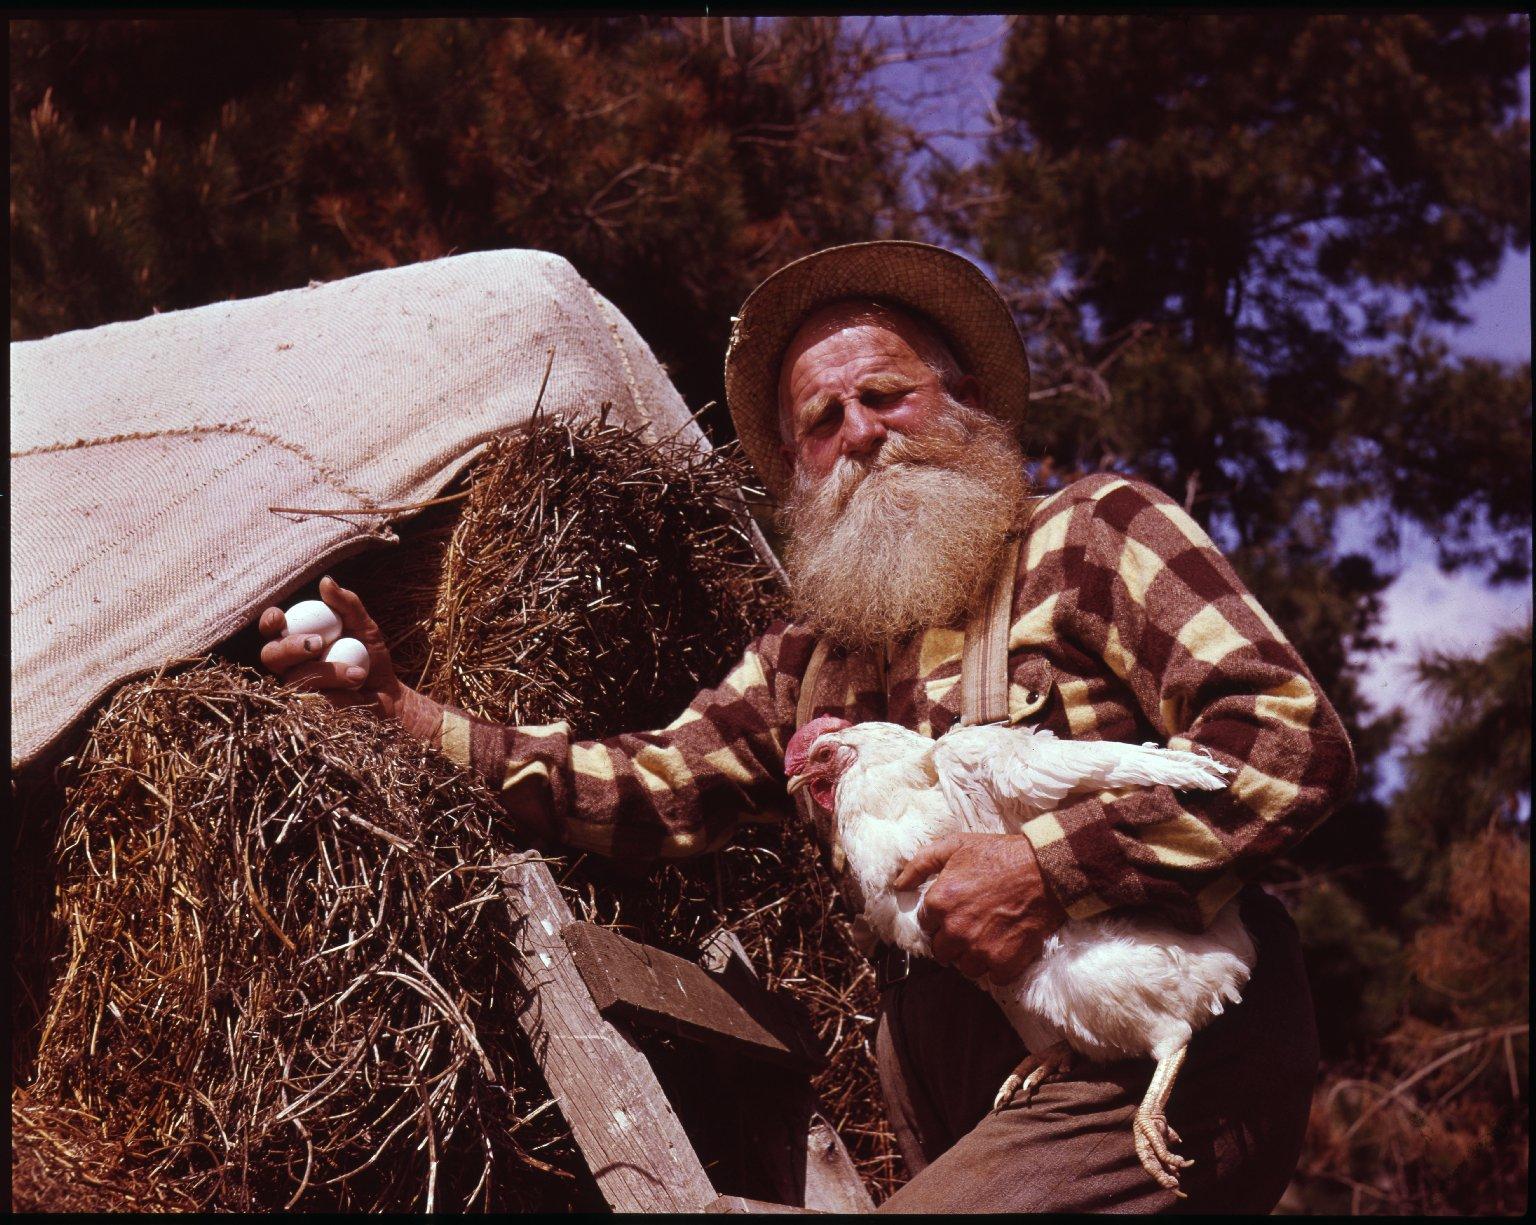 Farmer collecting egg